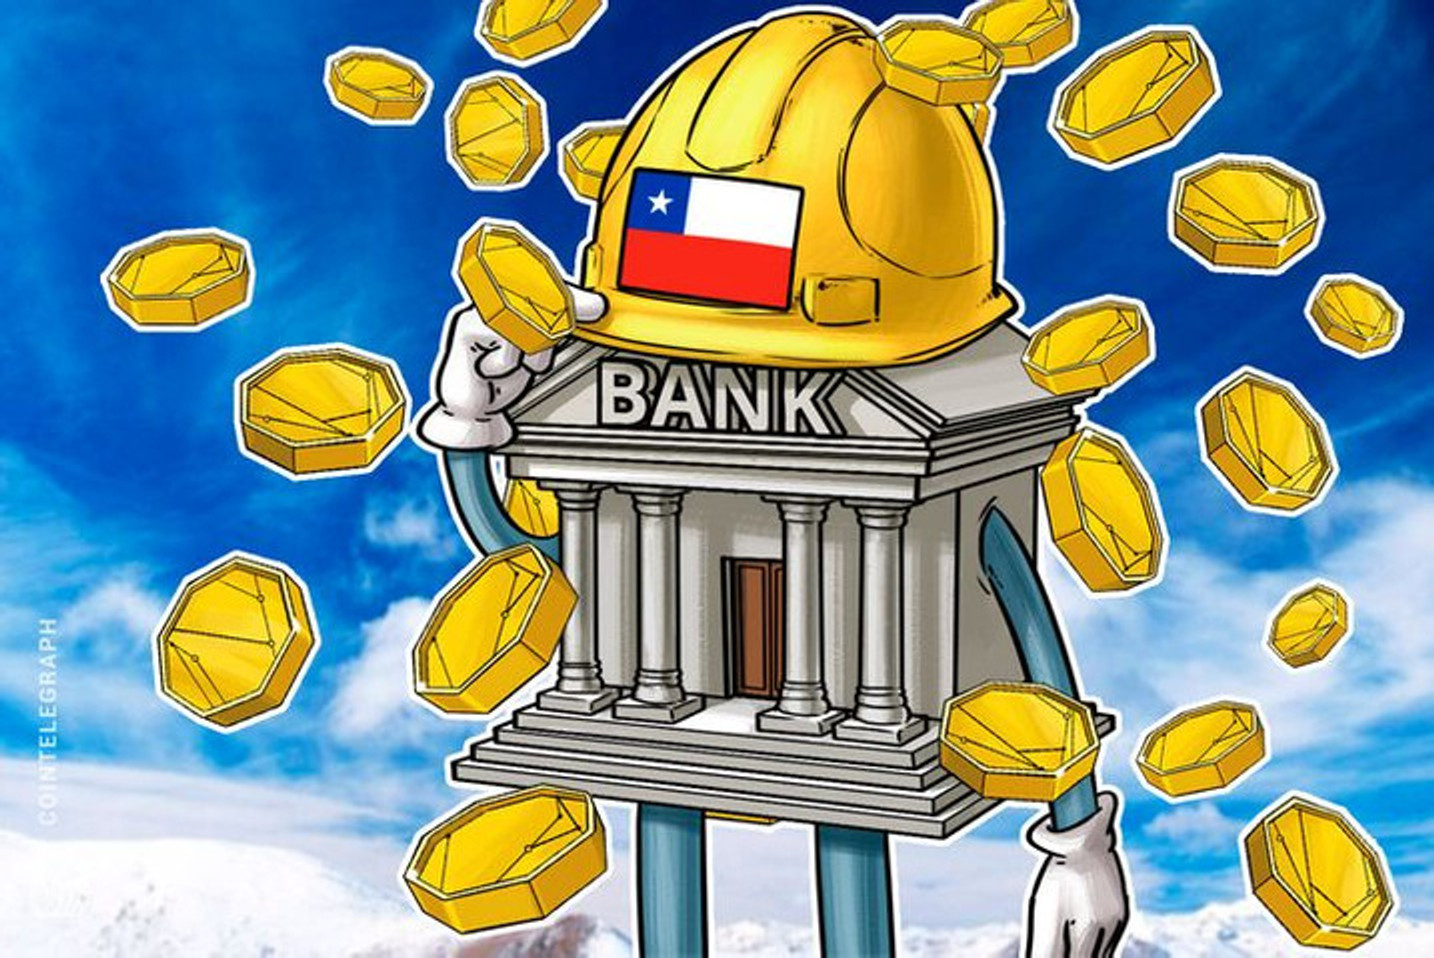 Chile: Plataforma de criptomonedas Orionx pide explicaciones por supuesto bloqueo de cuenta bancaria